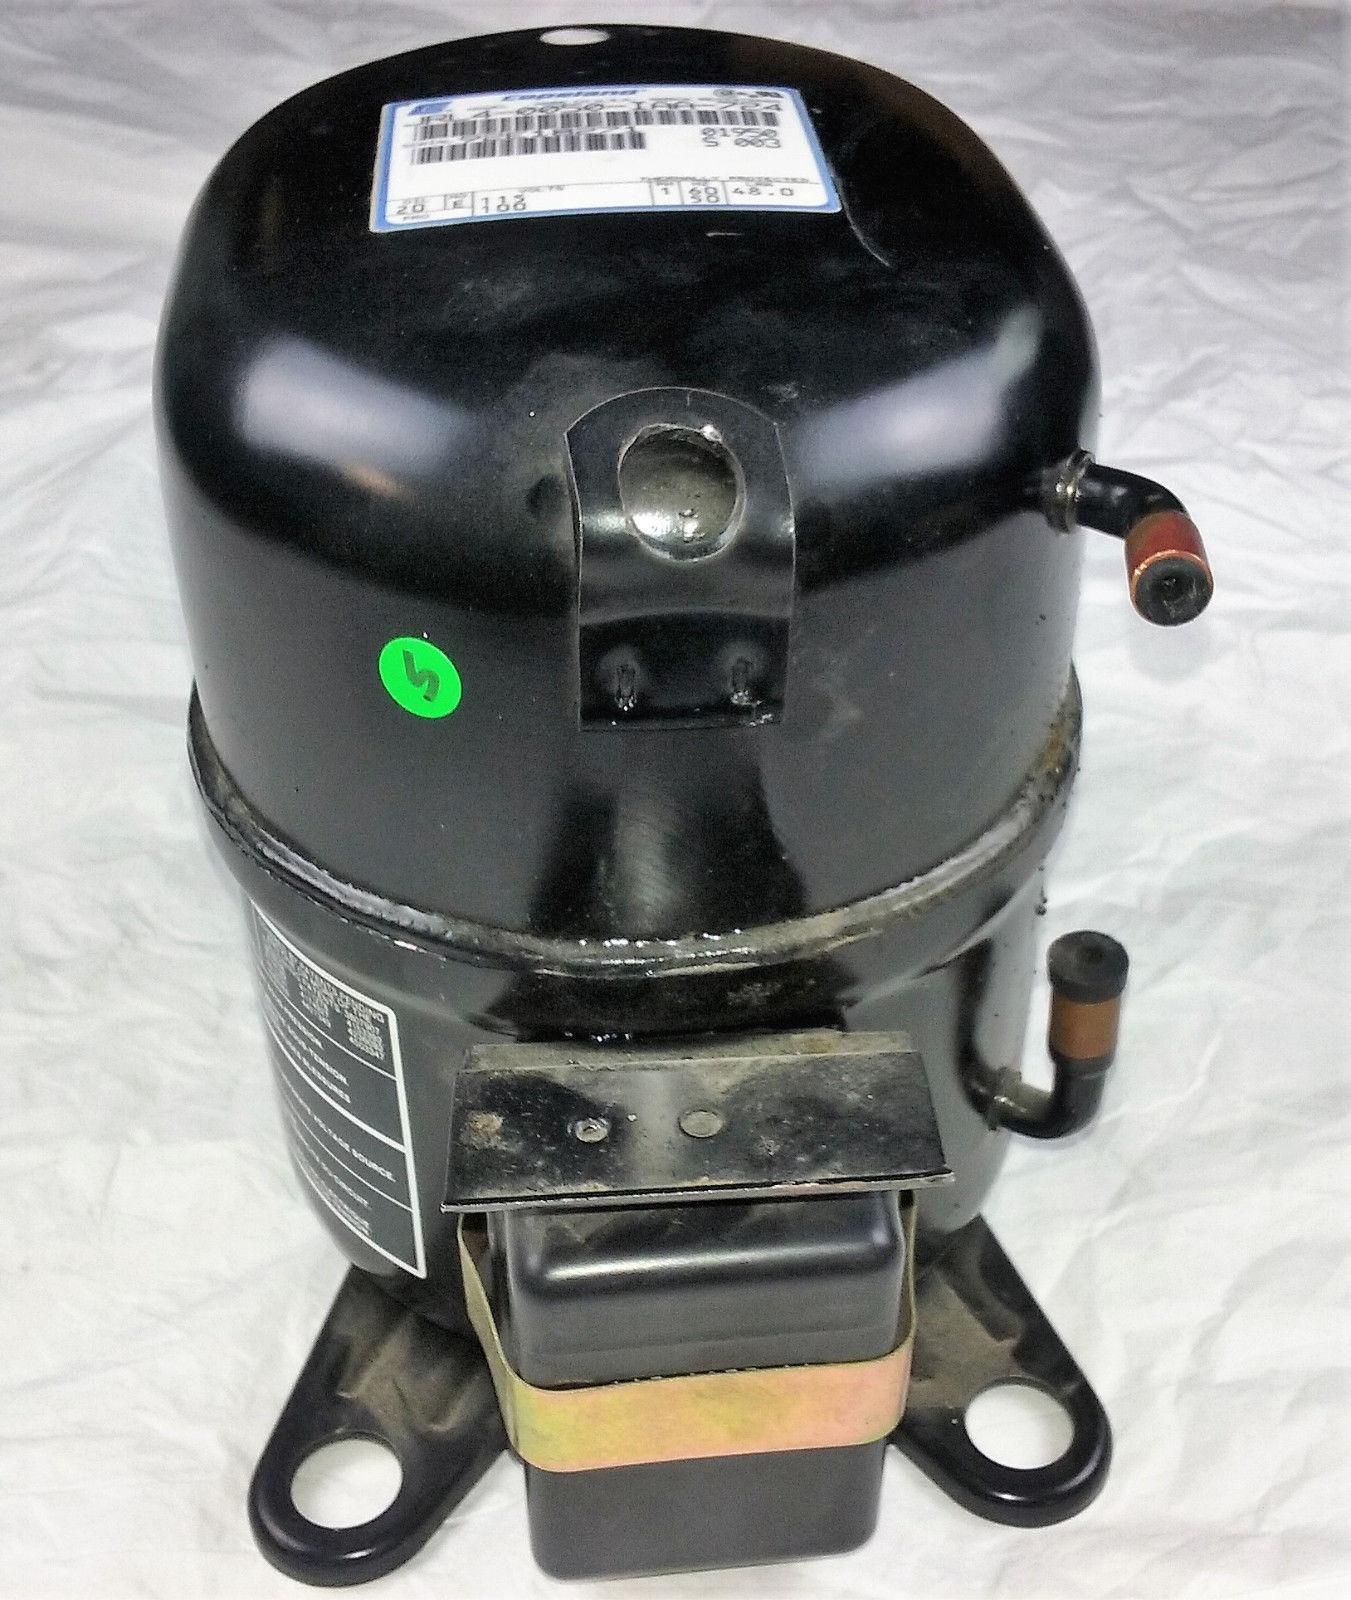 Compressor Refrigeration Copeland JRL4-0050-IAA-724 Volts 115-110